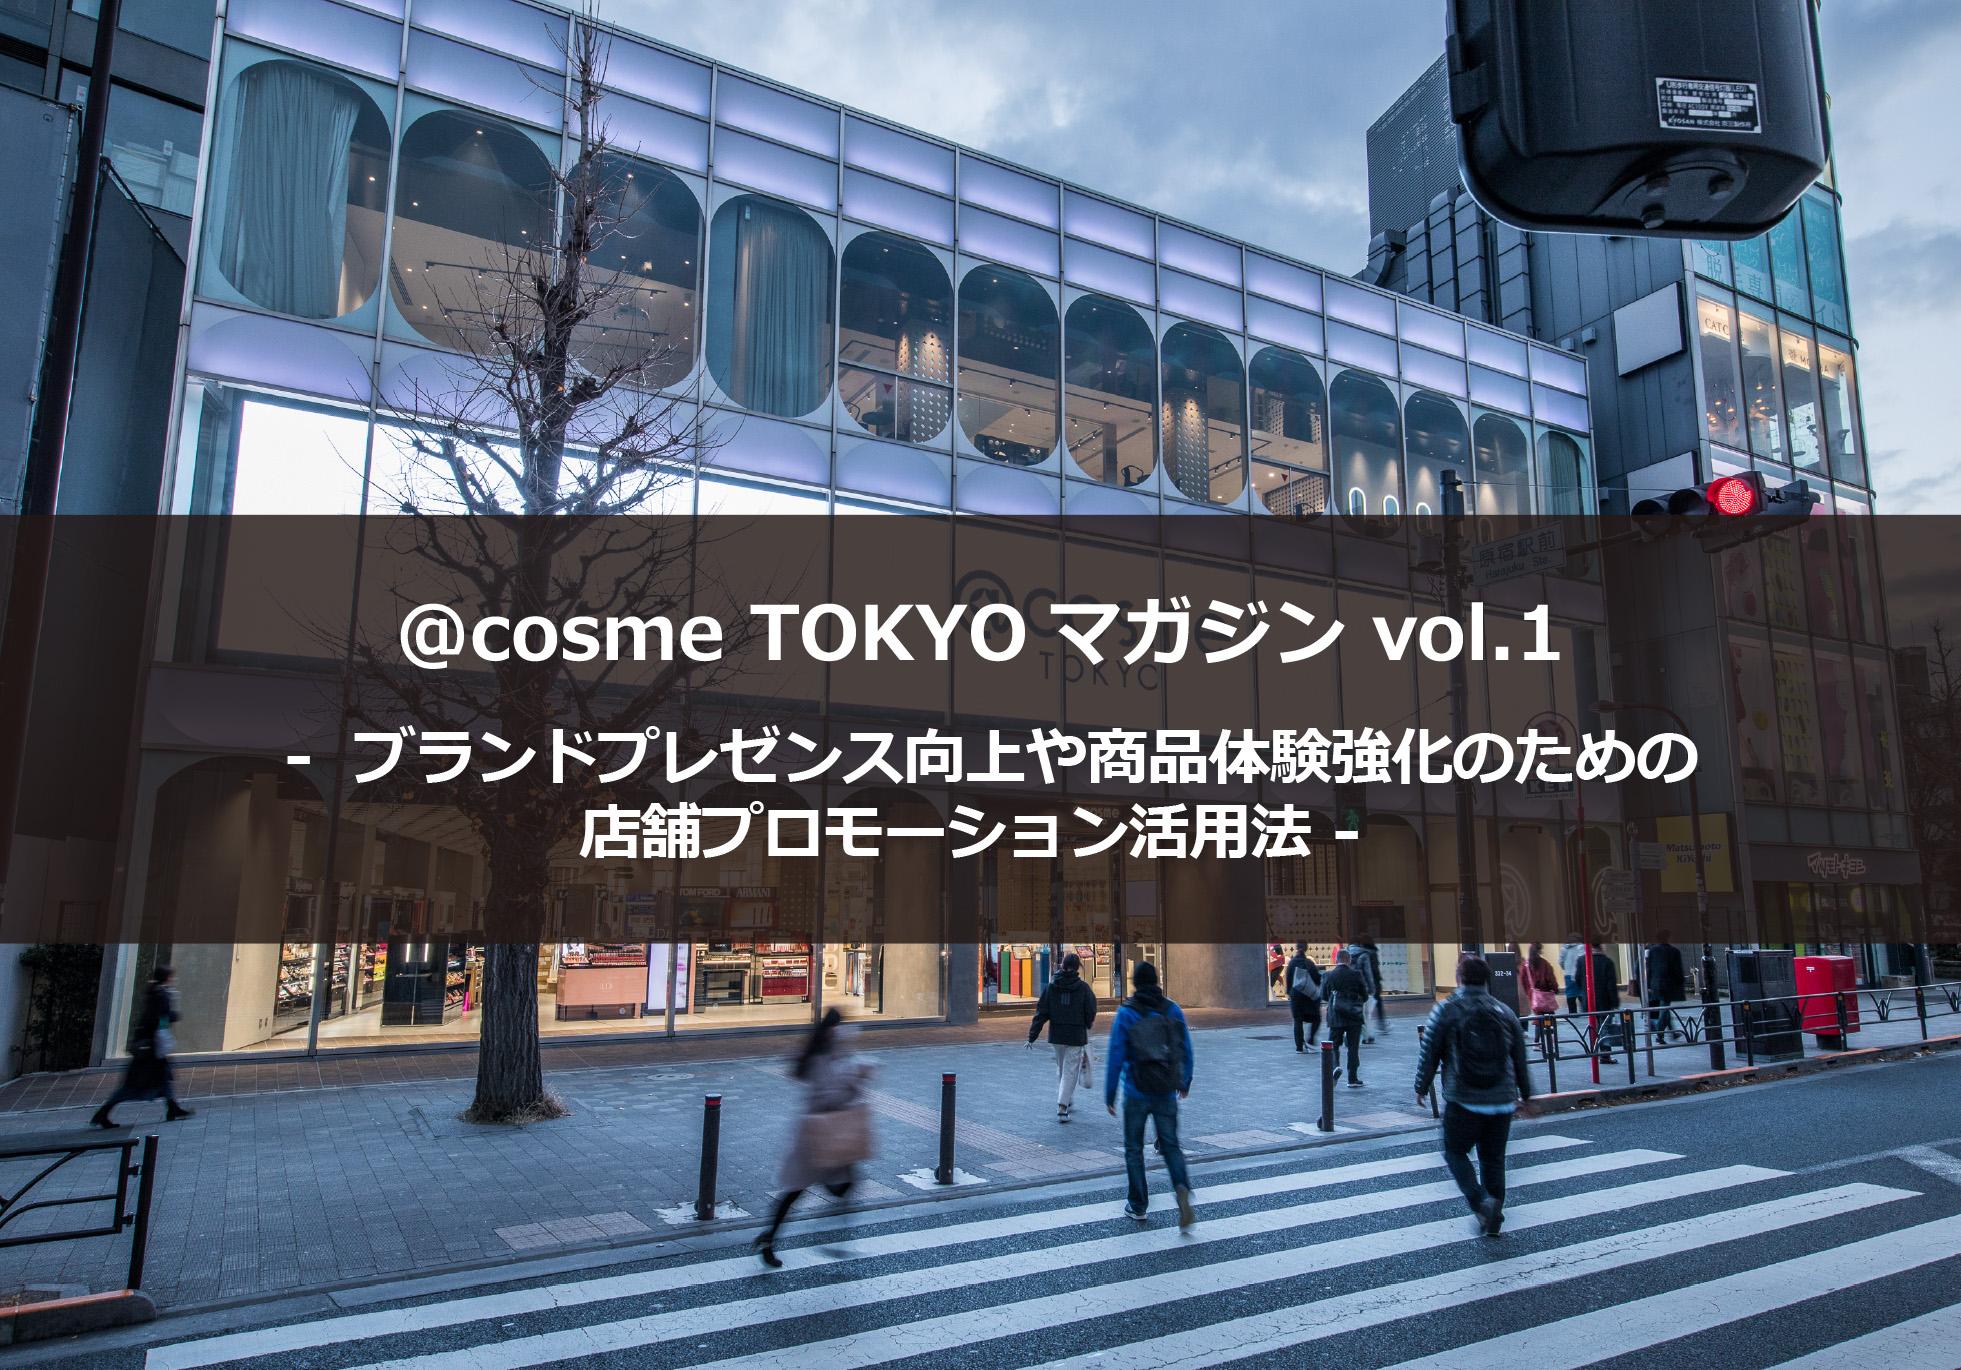 ブランドプレゼンス向上や商品体験強化のための店舗プロモーション活用法|連載:@cosme TOKYOマガジン Vol.1 サムネイル画像